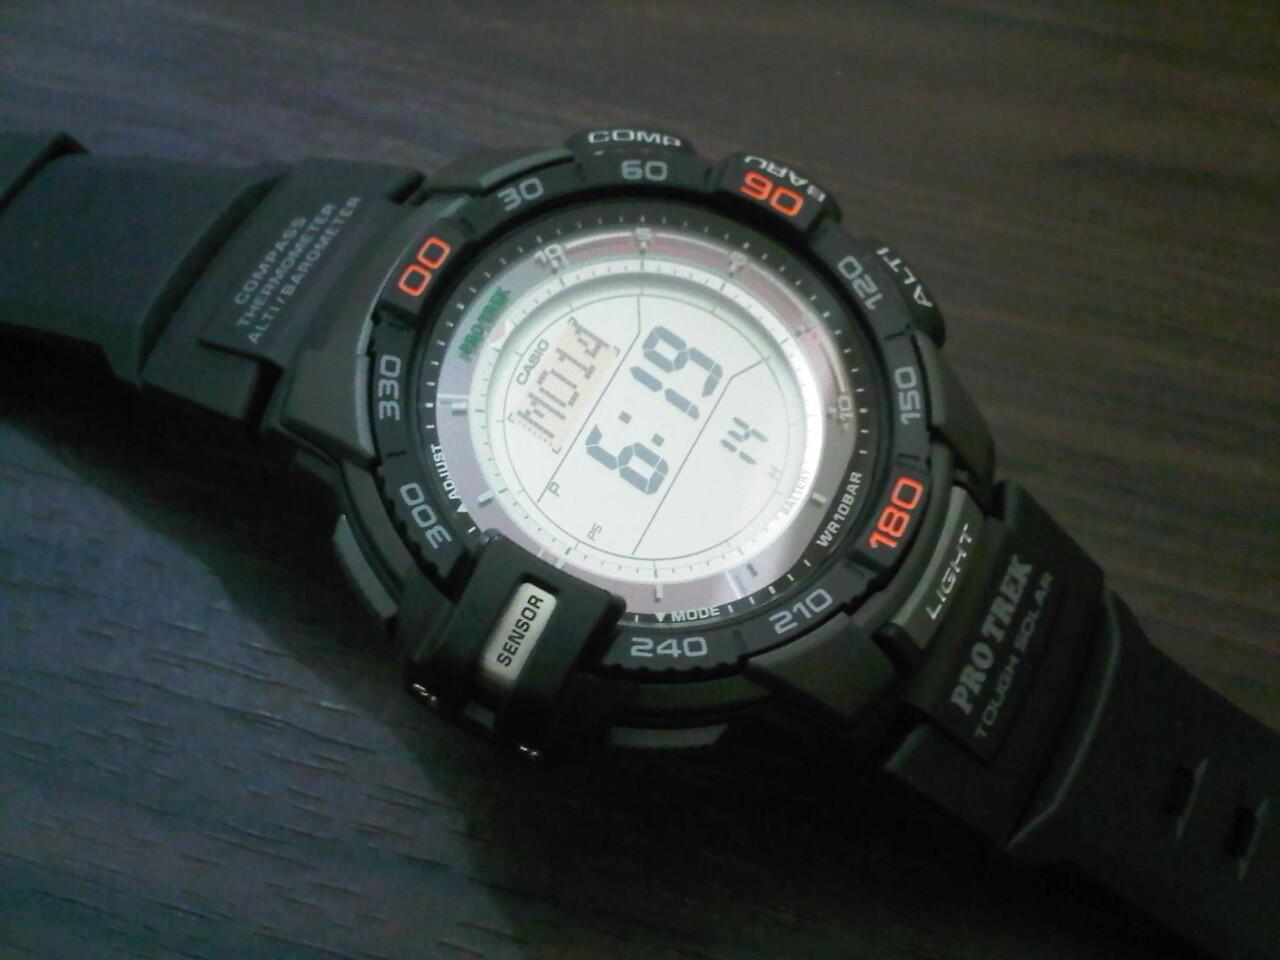 Terjual Jam Tangan Casio PROTREK SGW Compass Thermo Pedometer Altimeter Barometer Original | KASKUS